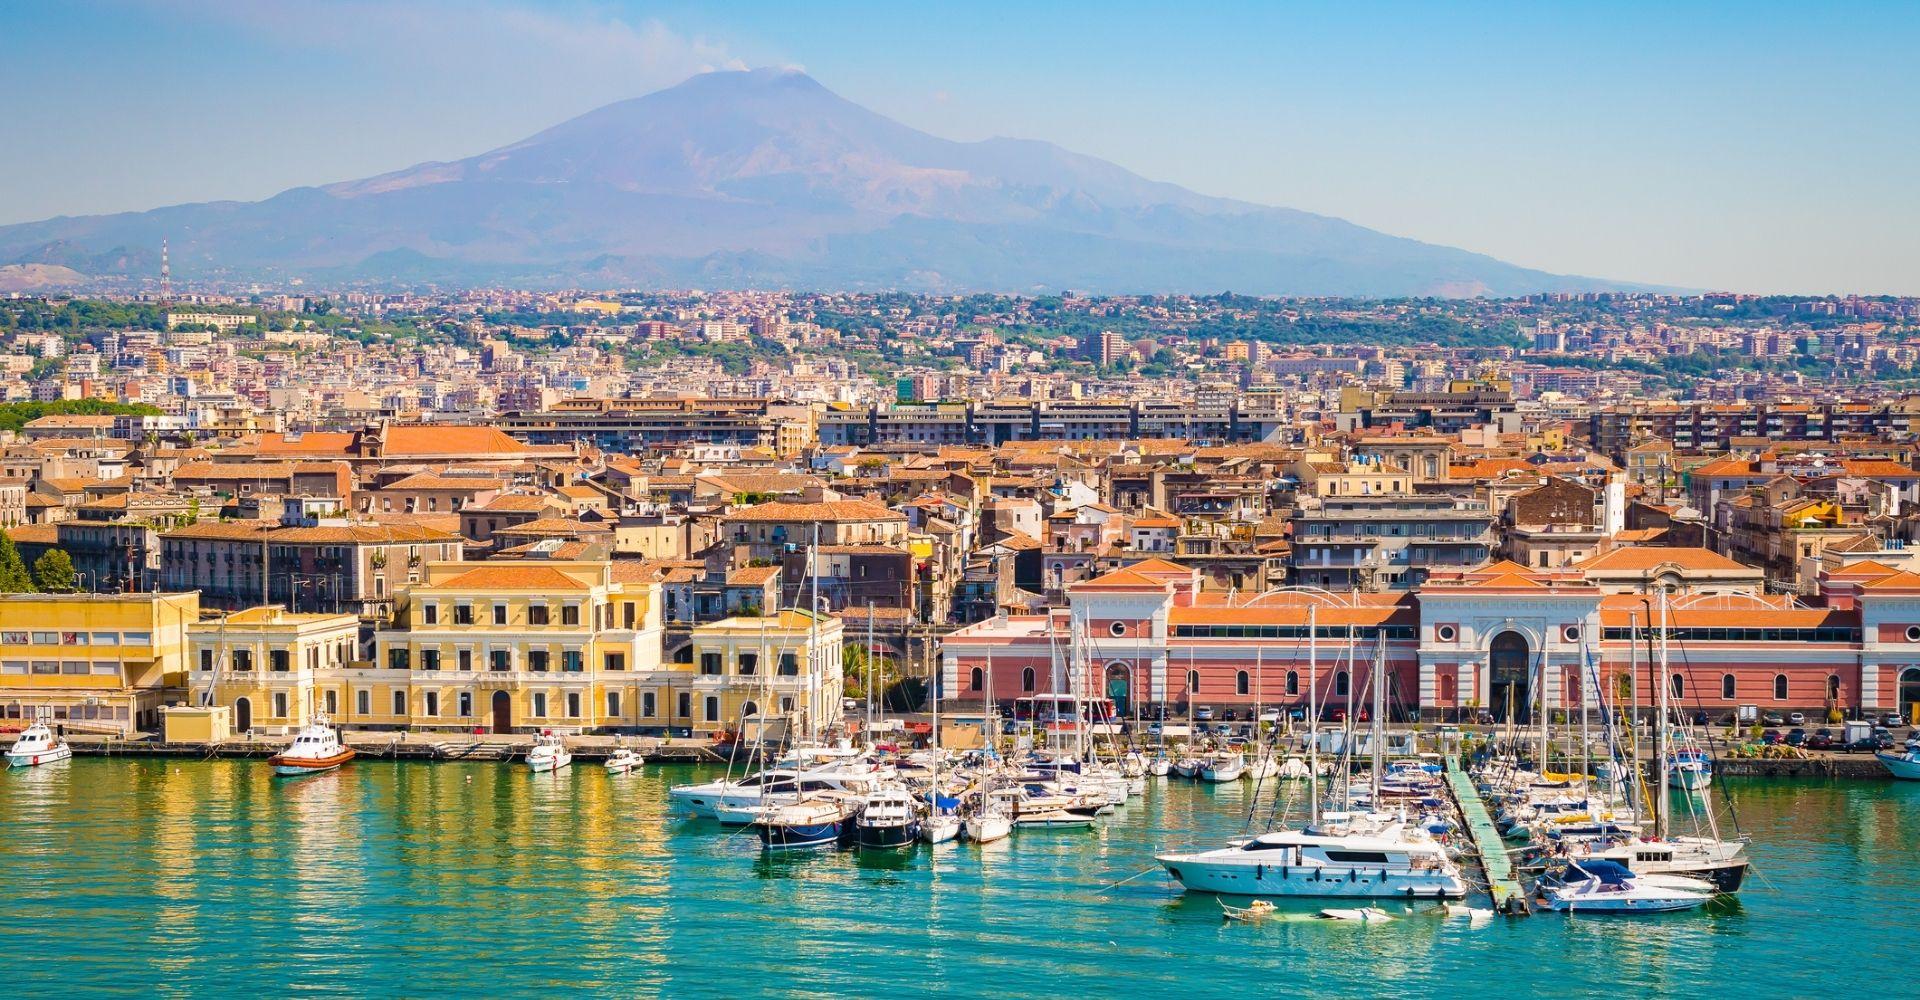 Viaggio letterario a Catania, tra palazzi barocchi, natura selvaggia e miti greci